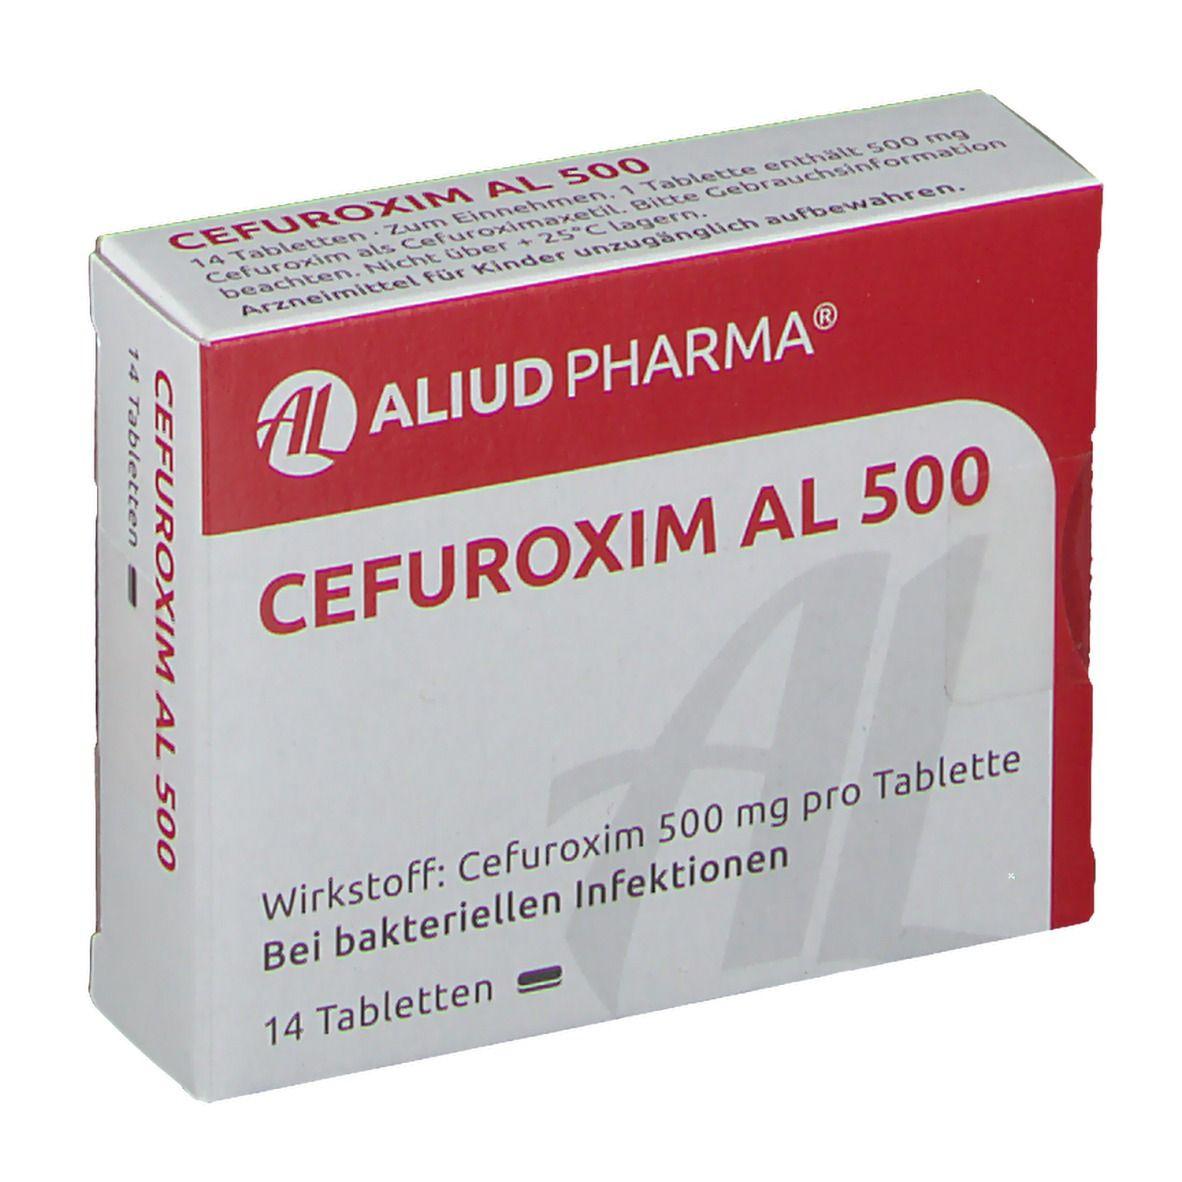 CEFUROXIM AL 500 Tabletten